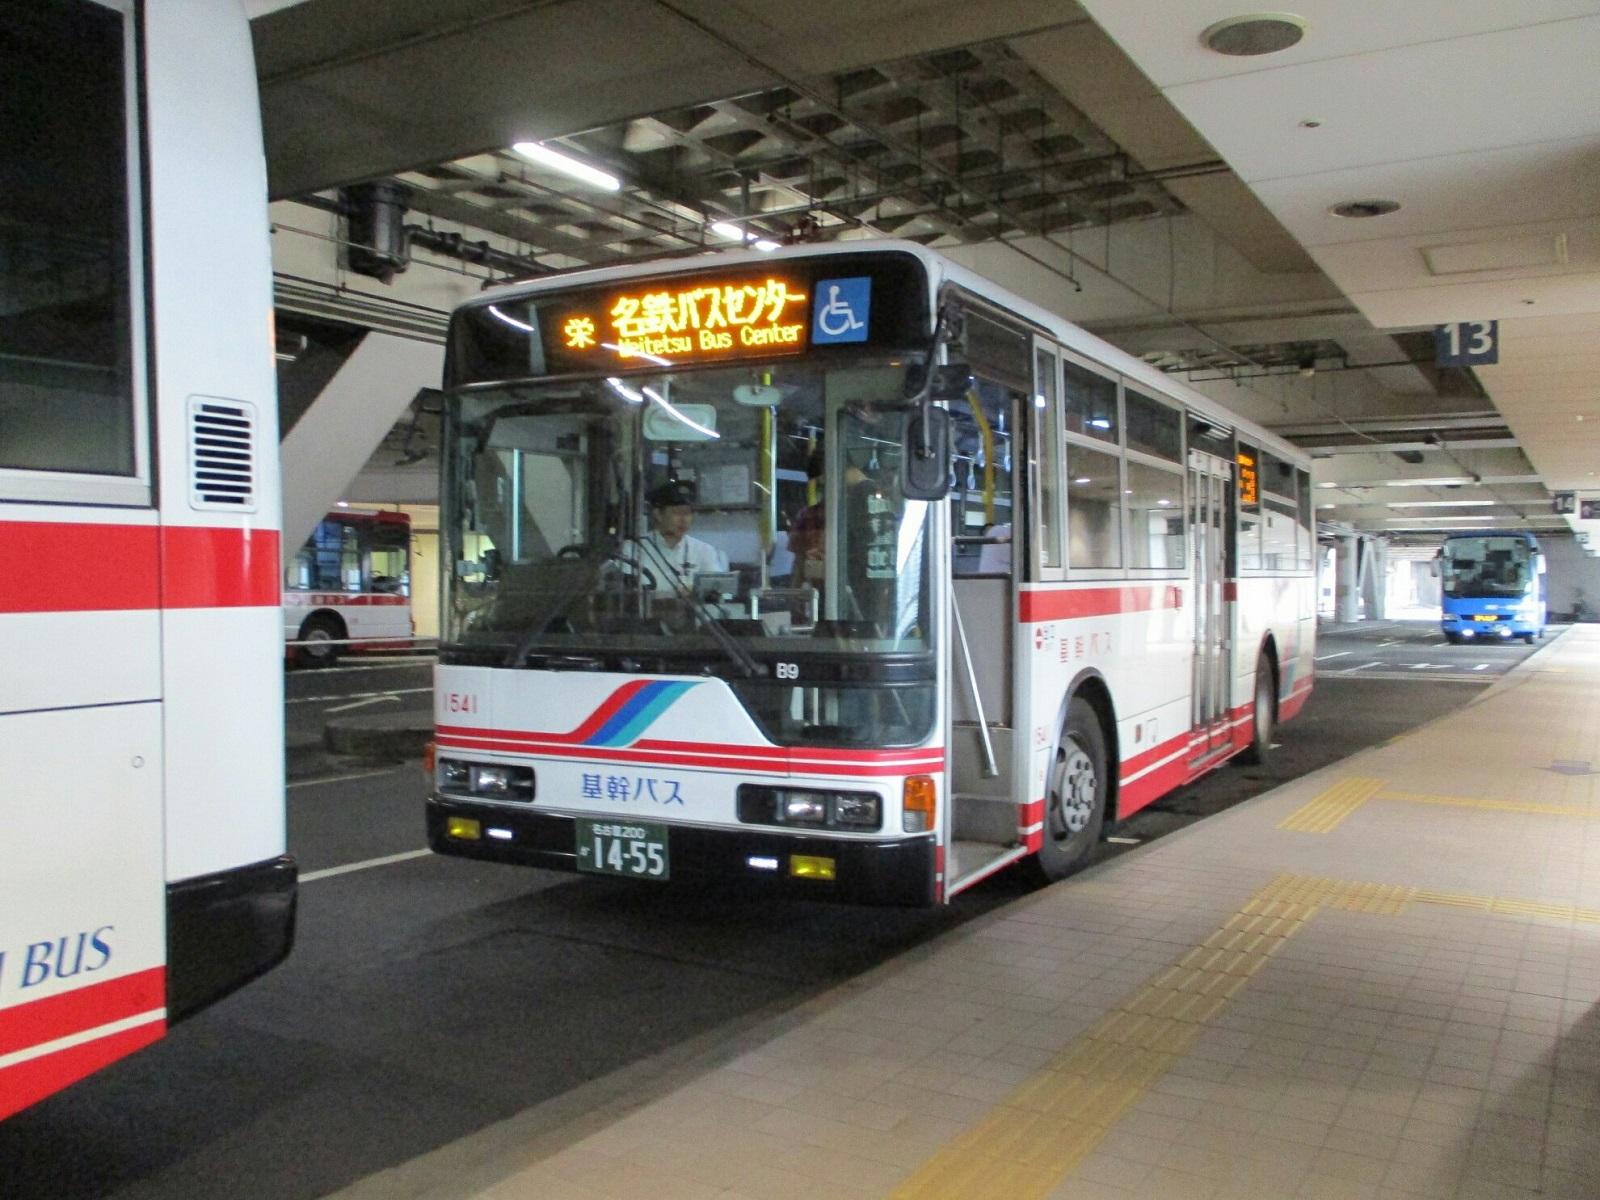 2018.6.27 (29) 名鉄バスセンター - 名鉄バスセンターいきバス 1600-1200